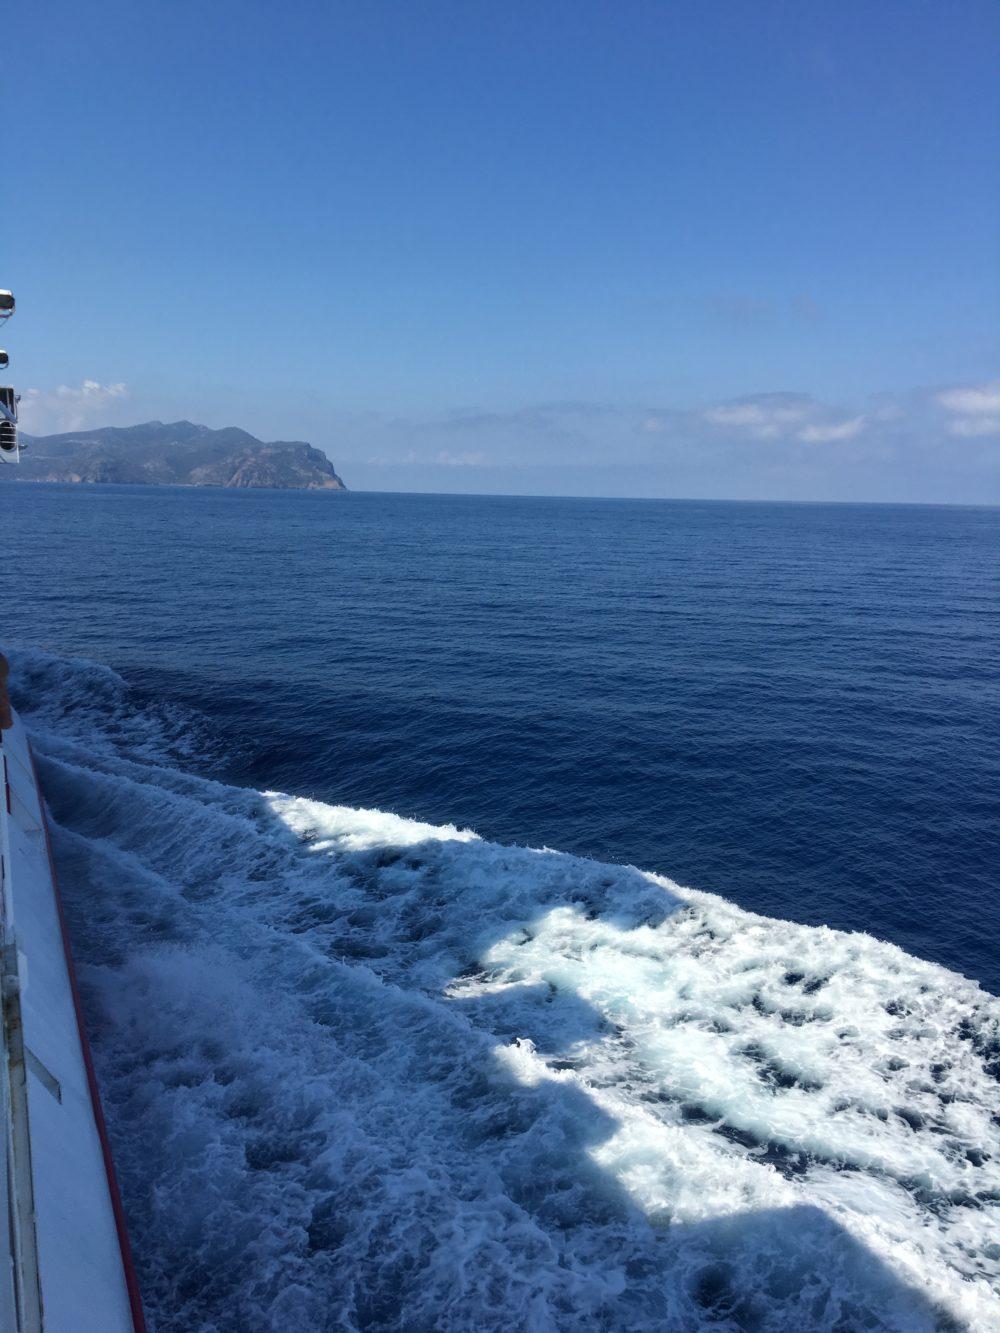 Isola di Capraia: una delle bellezze naturali più belle della Toscana